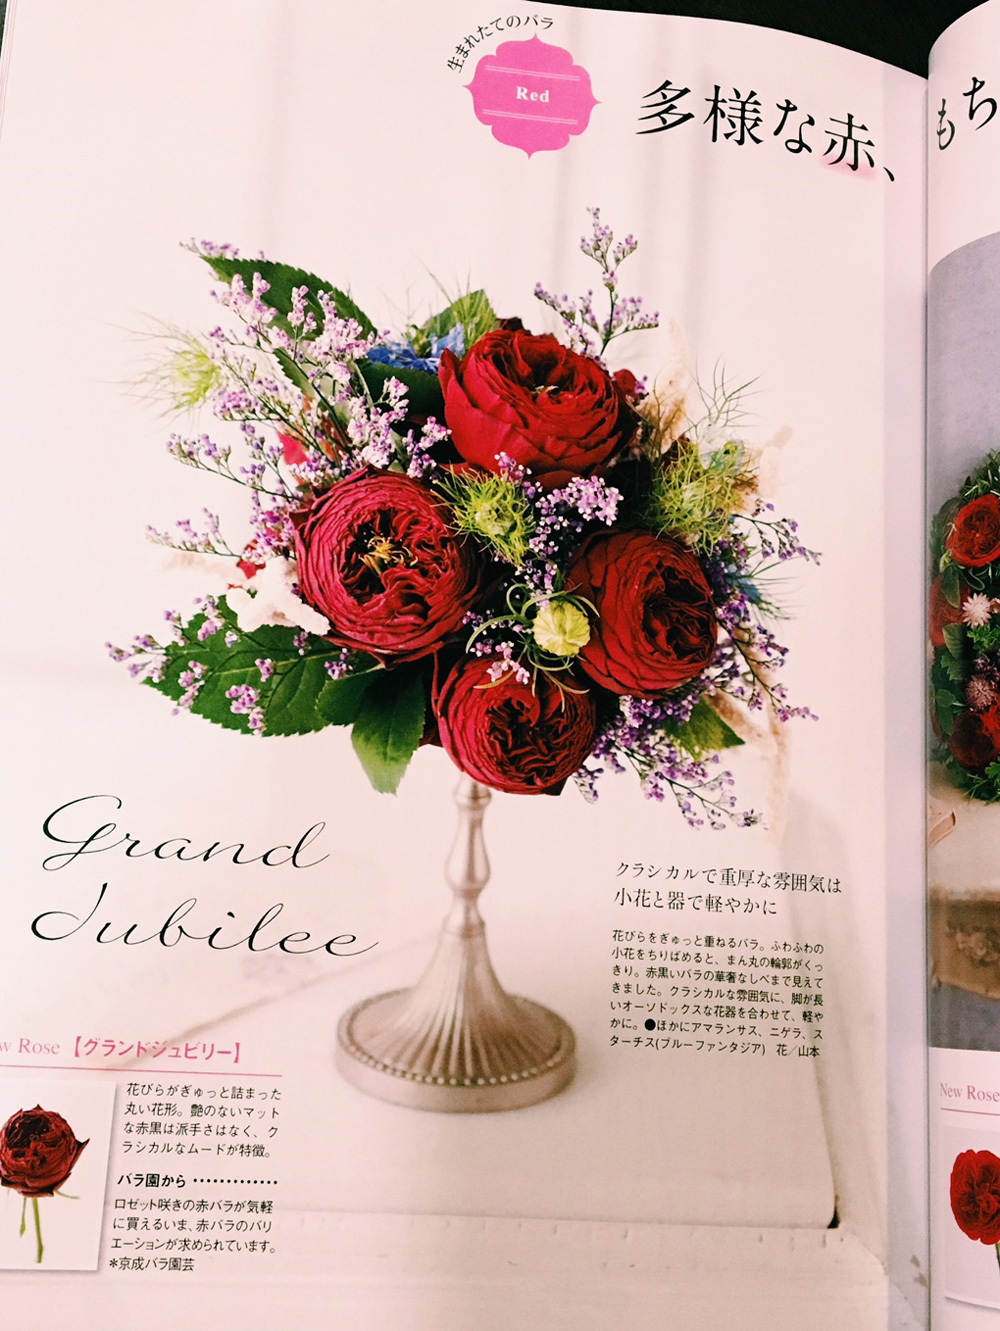 花時間秋号 バラ特集で作品を作りました_c0072971_05484100.jpg